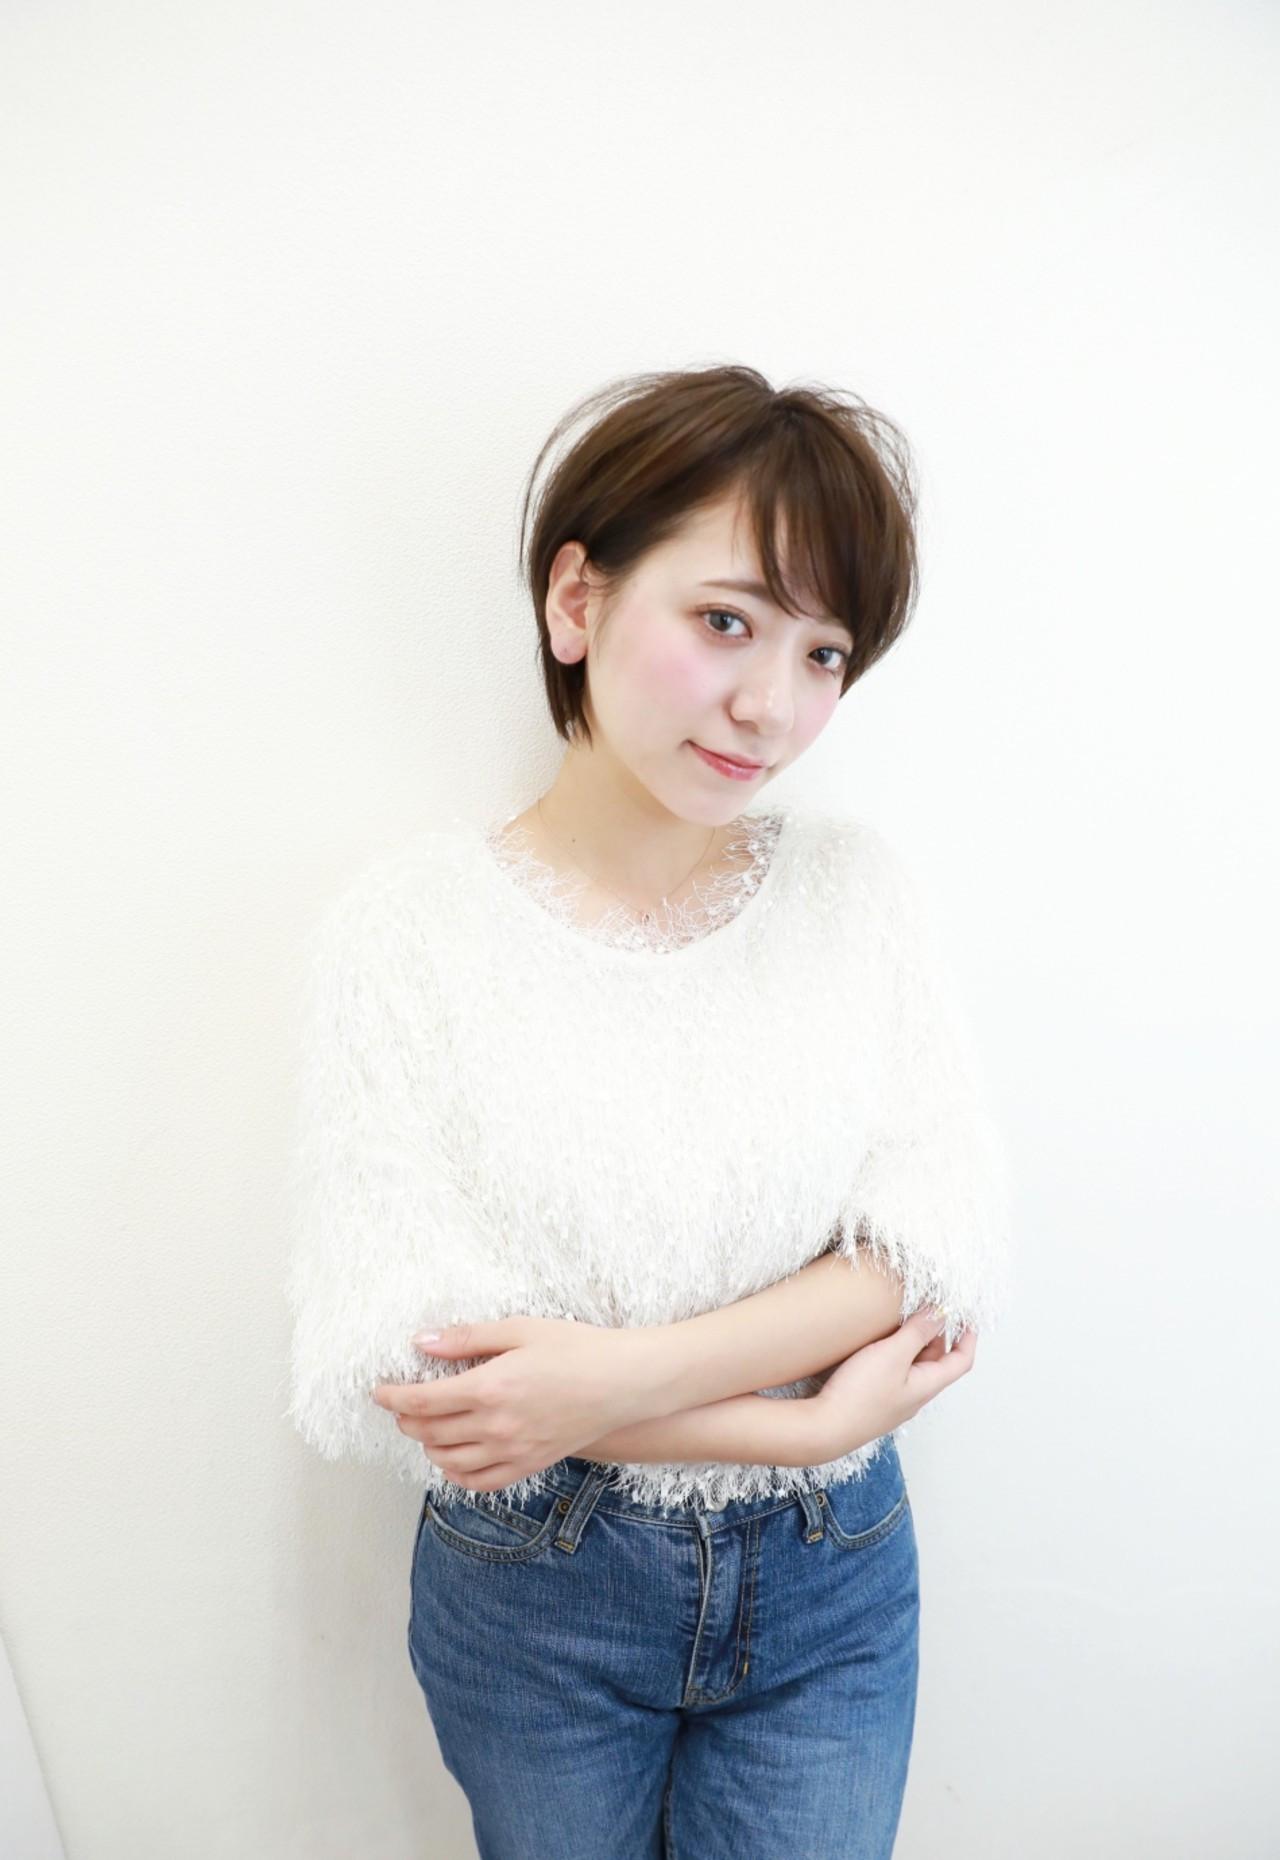 耳かけなら上品に縦ラインを強調できる♡ Naoko Miura | avant